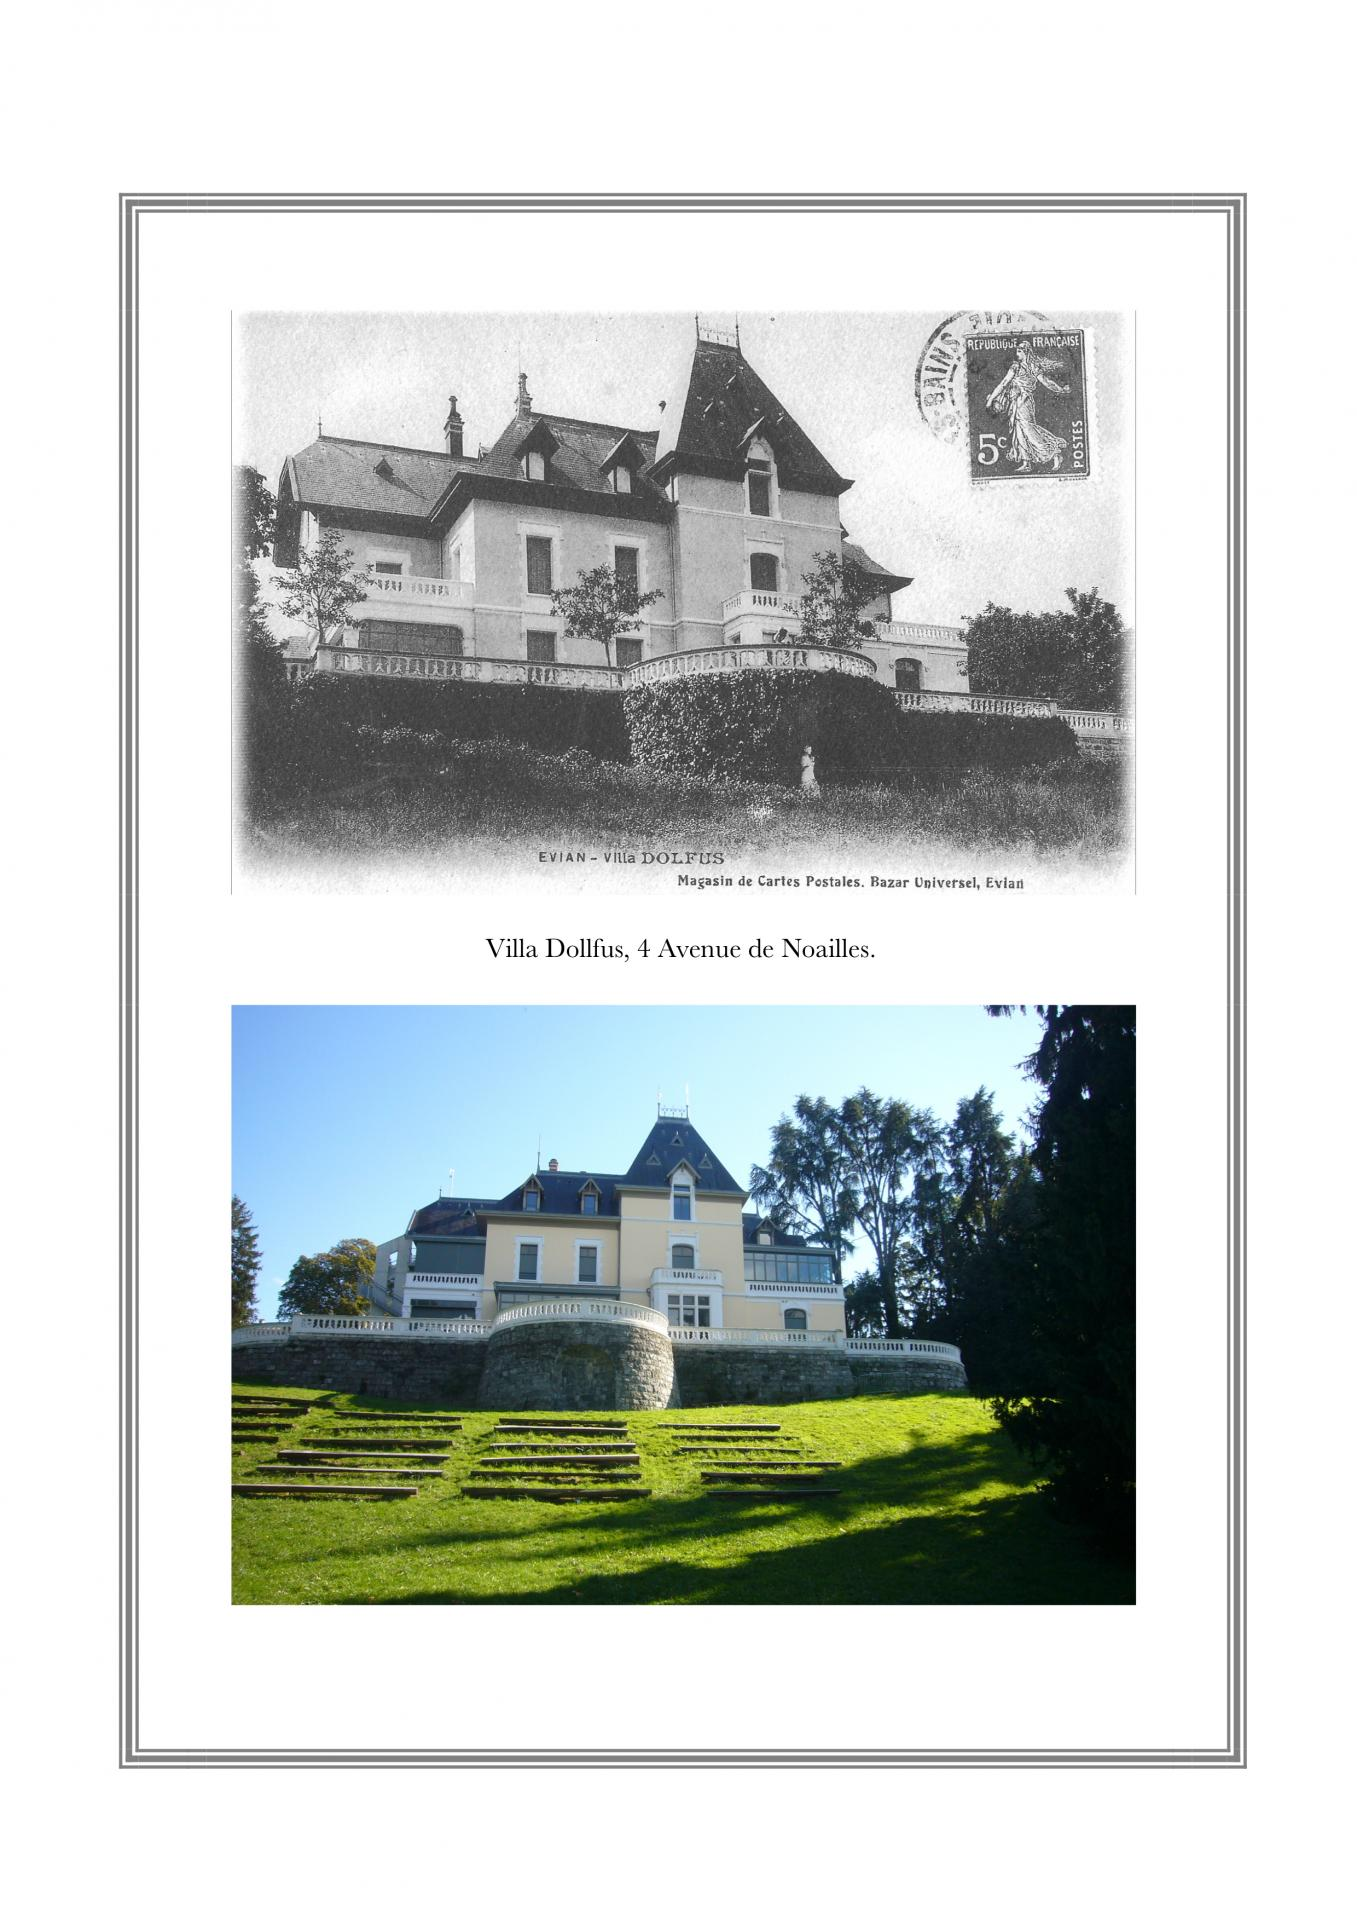 Villa Dollfus, 4 avenue de Noailles